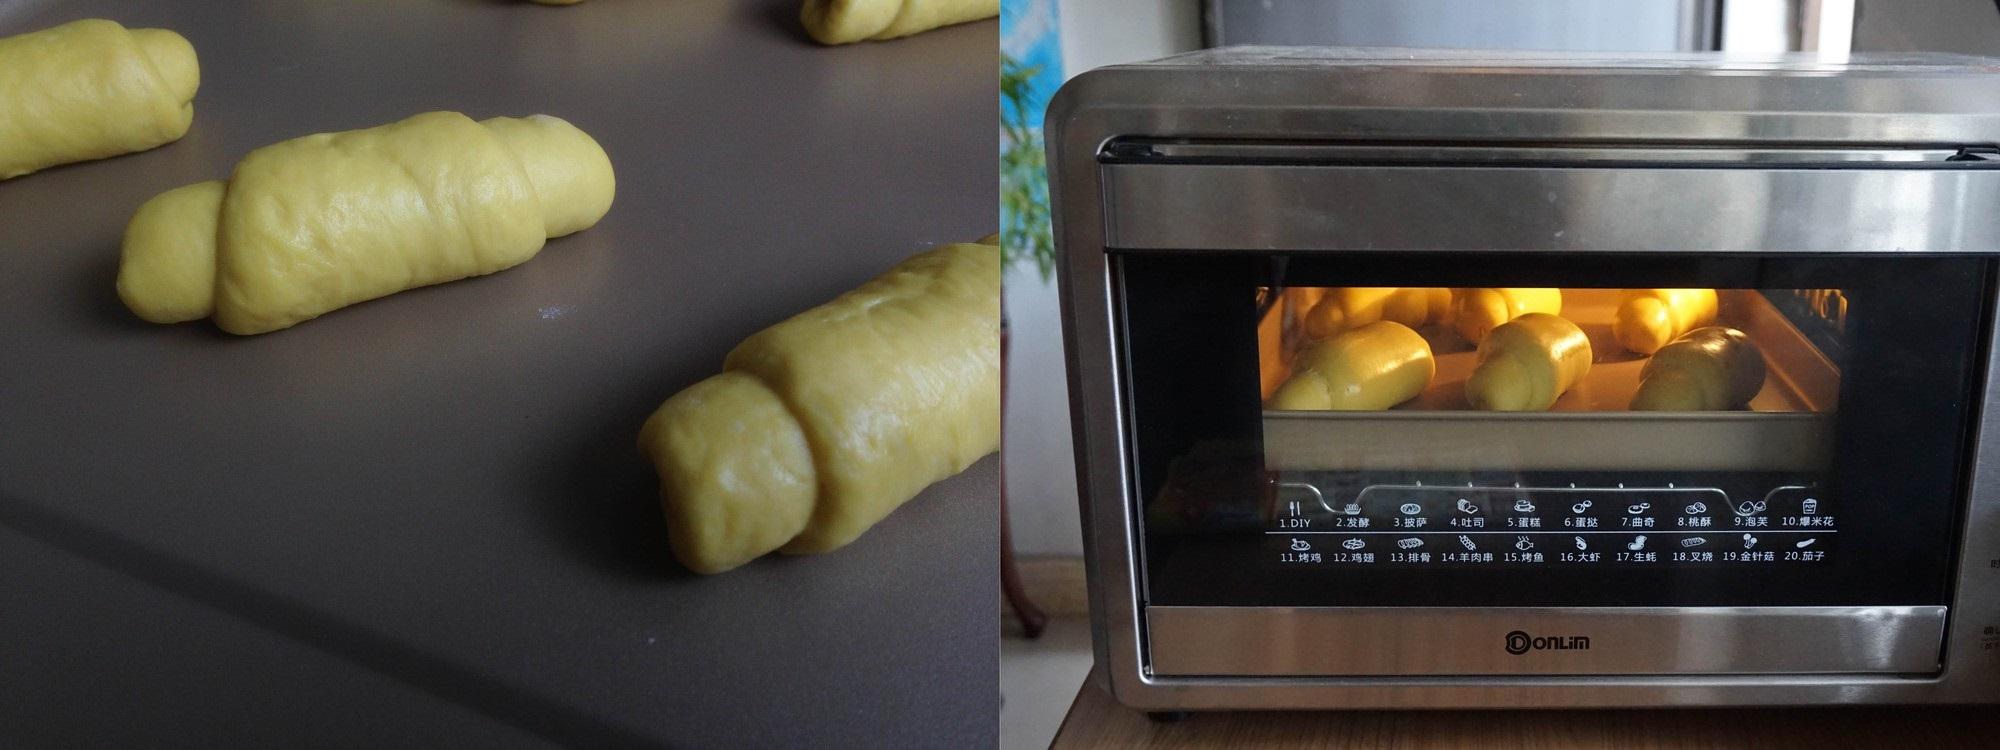 Thử ngay công thức làm bánh mì xoài mềm ngọt thơm lừng - Ảnh 5